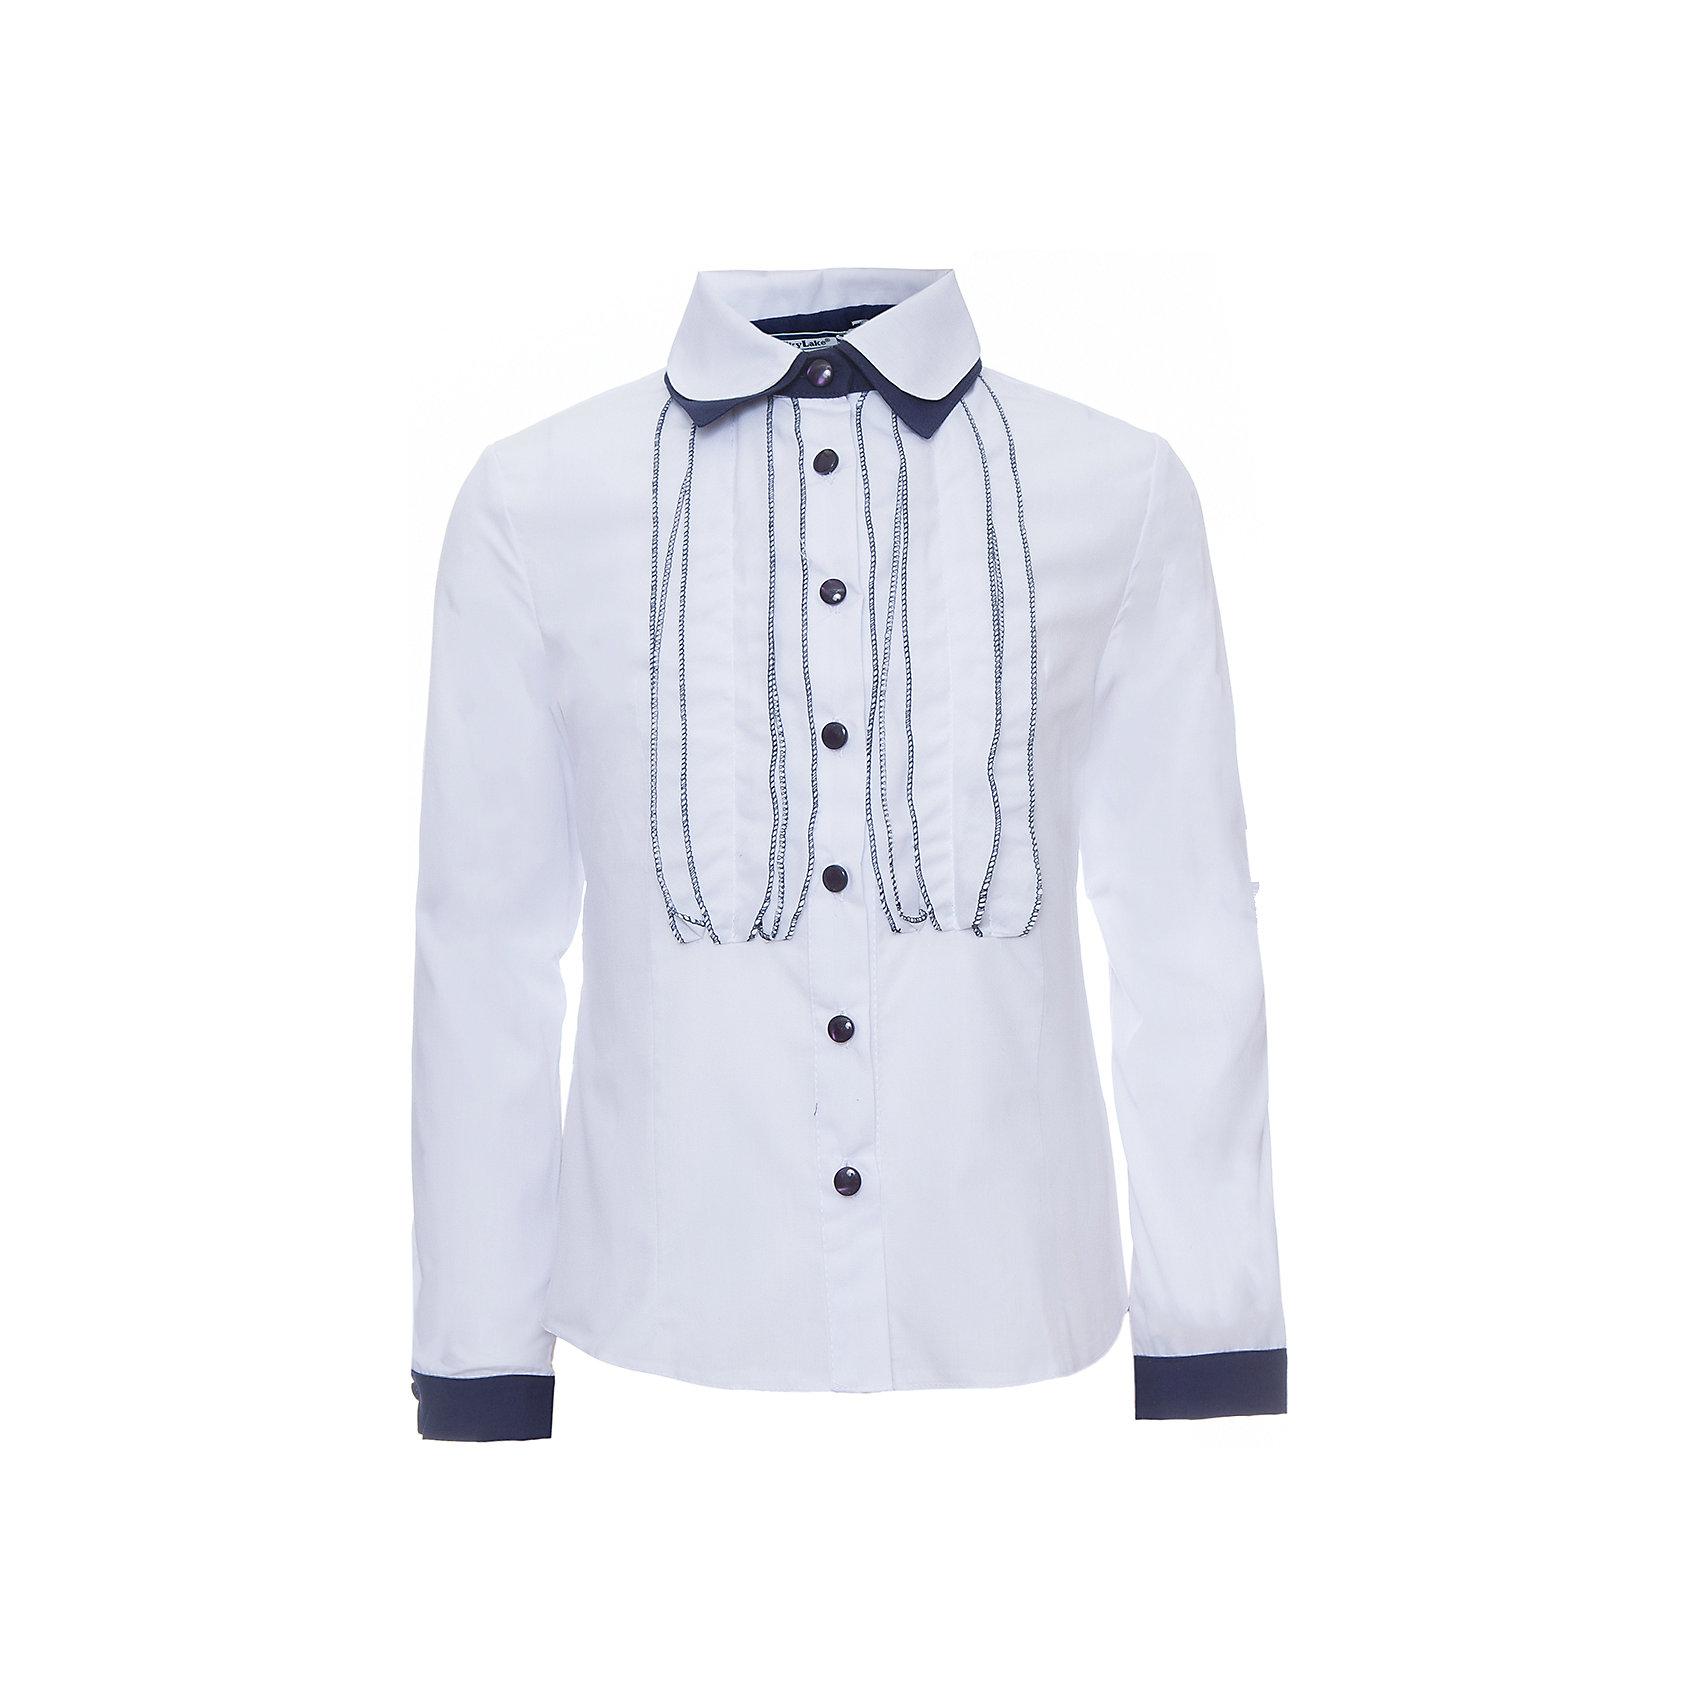 Блуза для девочки Дана SkylakeБлузки и рубашки<br>Блуза для девочки Дана от известного бренда Skylake<br>Комбинированная блузка для девочек младшего и среднего<br>школьного возраста.<br>Изготовлена из блузочной смесовой хлопковой ткани  белого<br>и синего цвета.<br>Полочки и спинка с талиевыми вытачками.<br>Застежка на узкую настрочную планку с пуговицами.<br>Полочки  украшены вертикальными декоративными рюшами.<br>Воротник двойной на отрезной стойке.<br>Нижний воротник контрастного цвета.<br>Рукава втачные длинные, на манжетах из ткани - компаньона.<br><br>Состав:<br>65%полиэстер,35% хлопок<br><br>Ширина мм: 186<br>Глубина мм: 87<br>Высота мм: 198<br>Вес г: 197<br>Цвет: бело-синий<br>Возраст от месяцев: 84<br>Возраст до месяцев: 96<br>Пол: Женский<br>Возраст: Детский<br>Размер: 158,134,140,146,152,128<br>SKU: 4723325